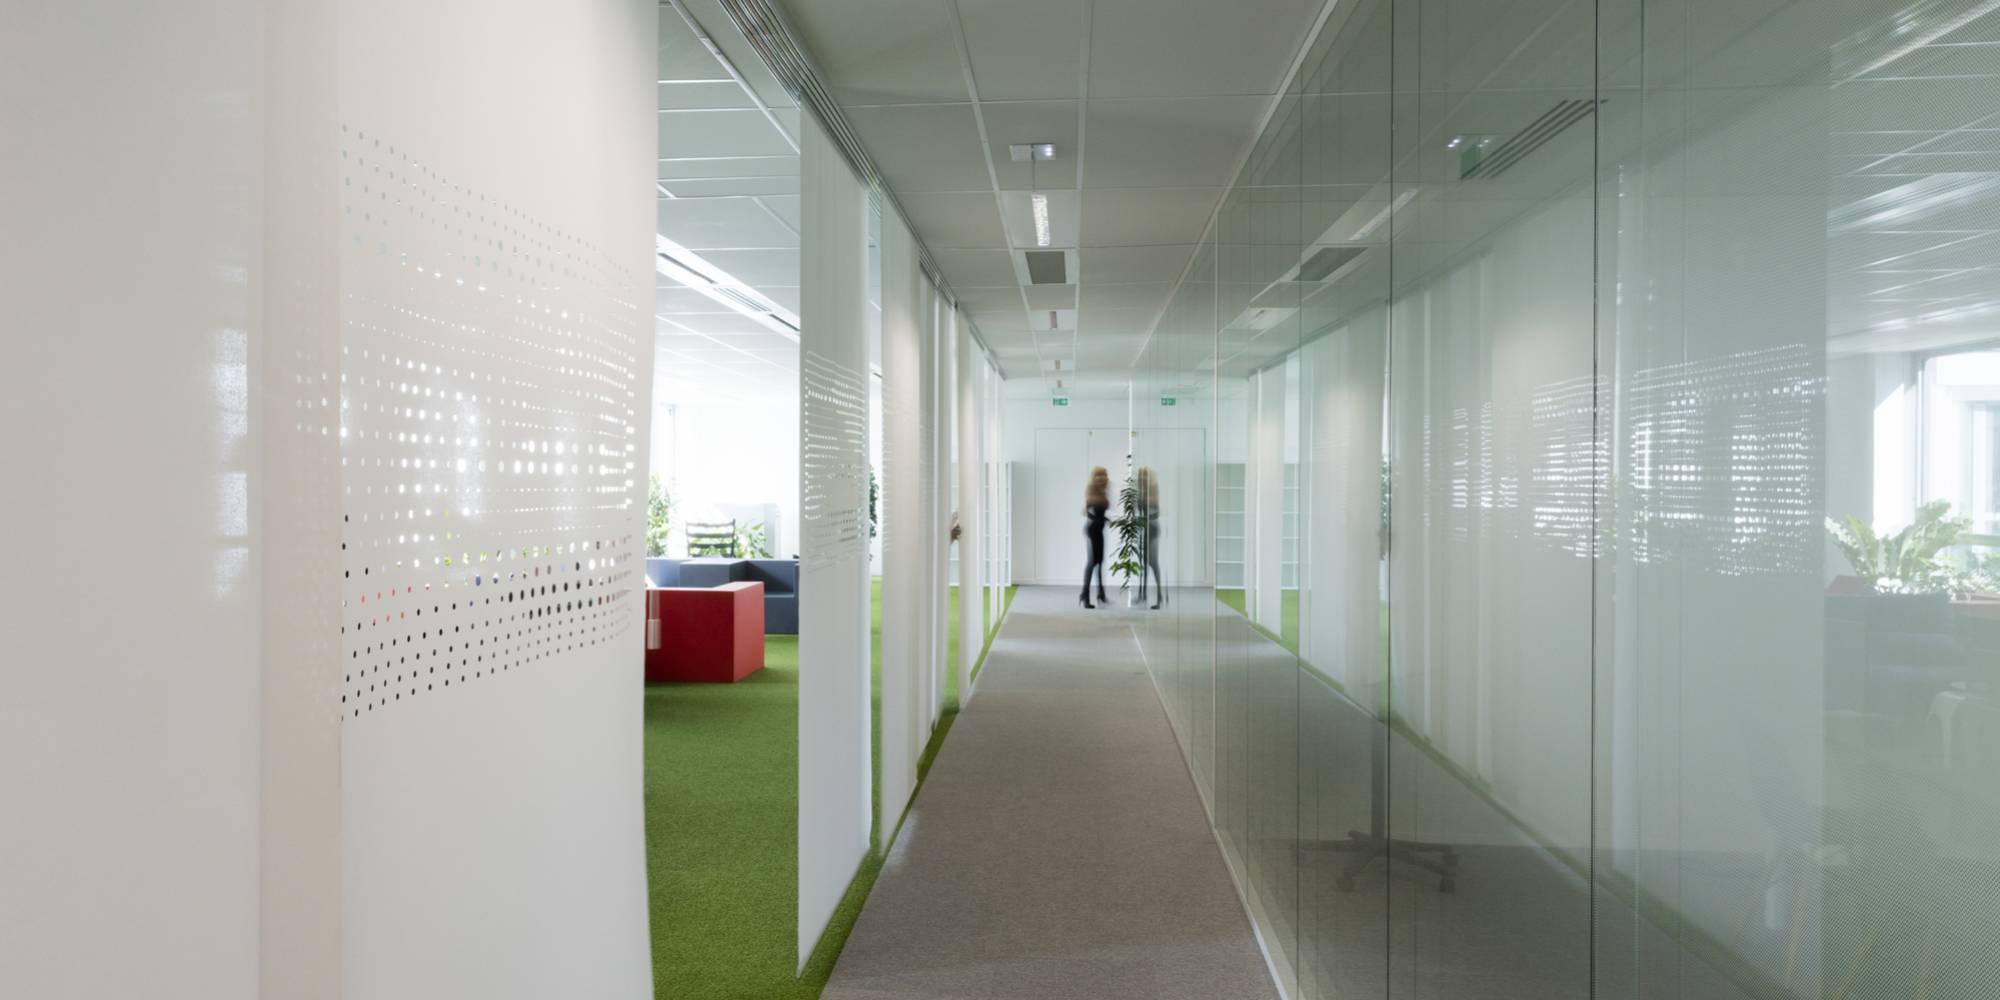 Dessin exclusif sur panneaux coulissants pour matérialiser un couloir